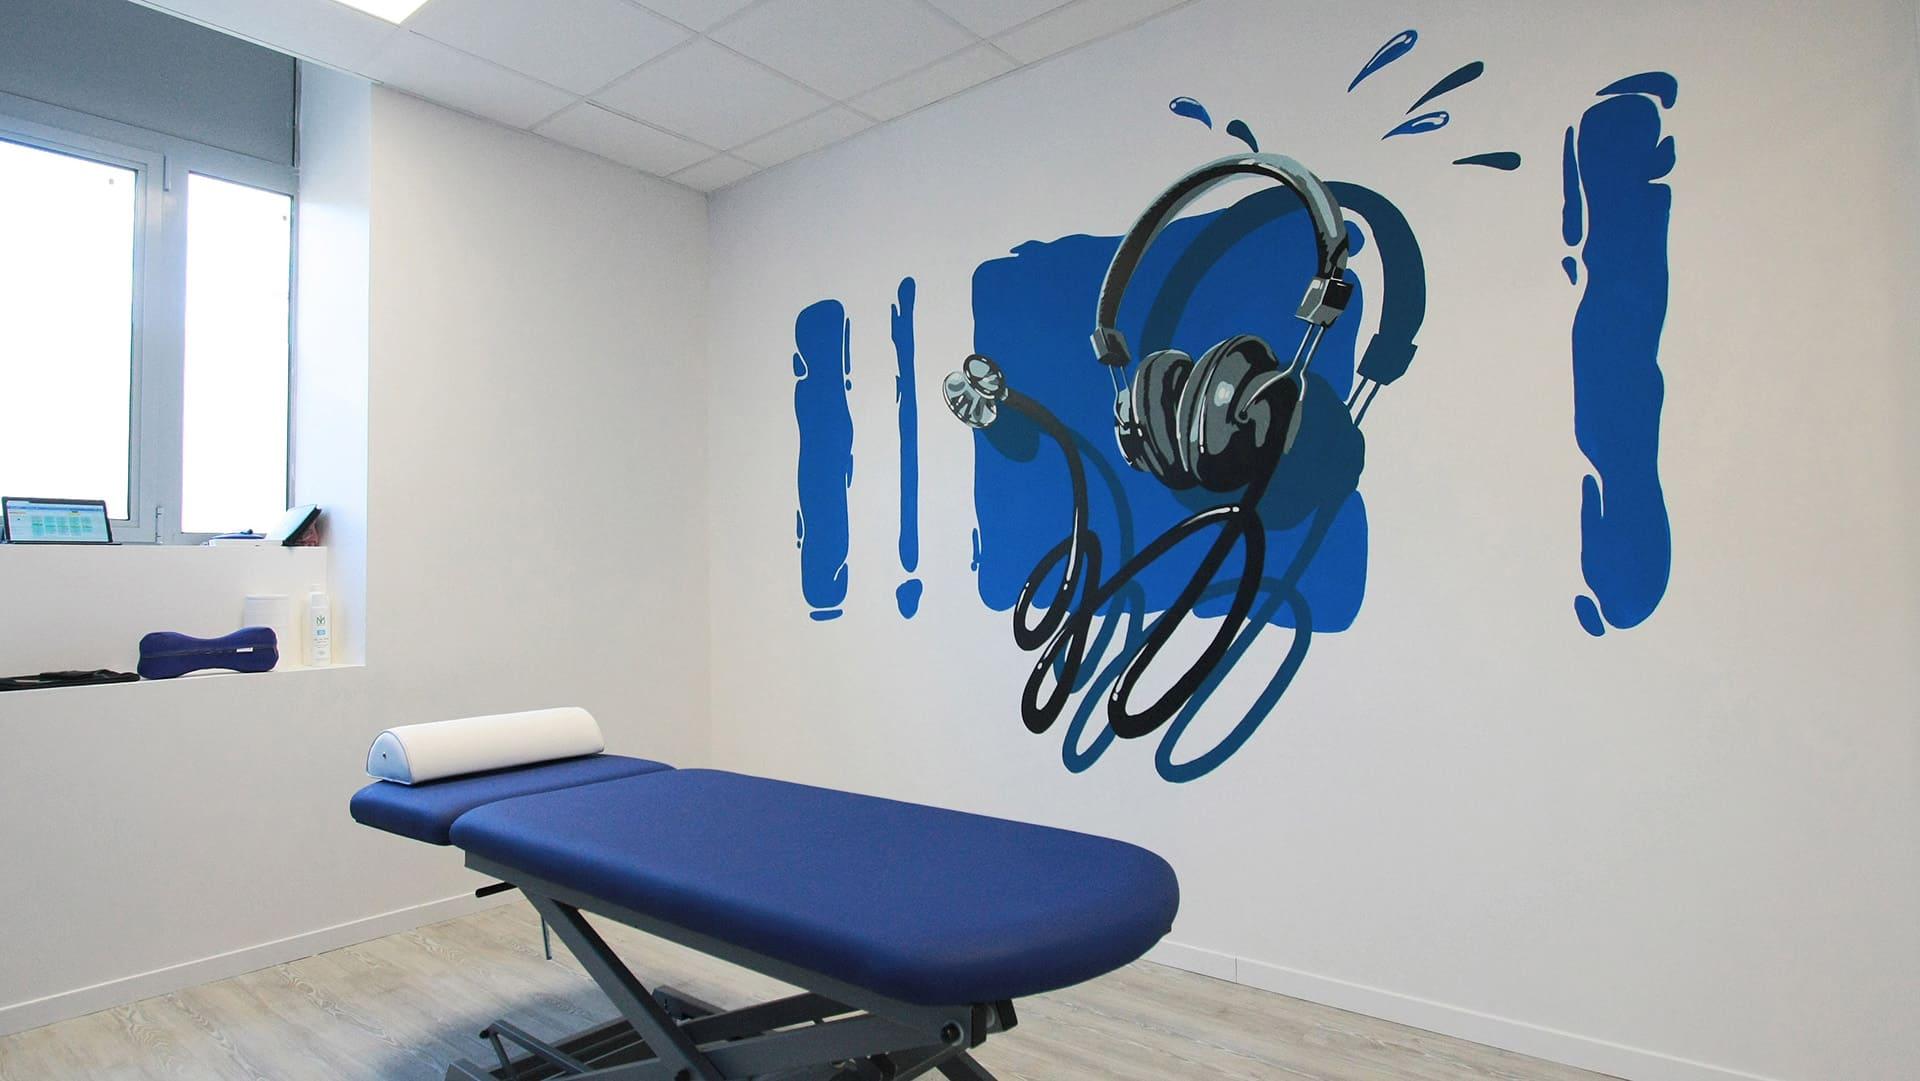 decoration murale peinture musique bleu reeducation salle interieure